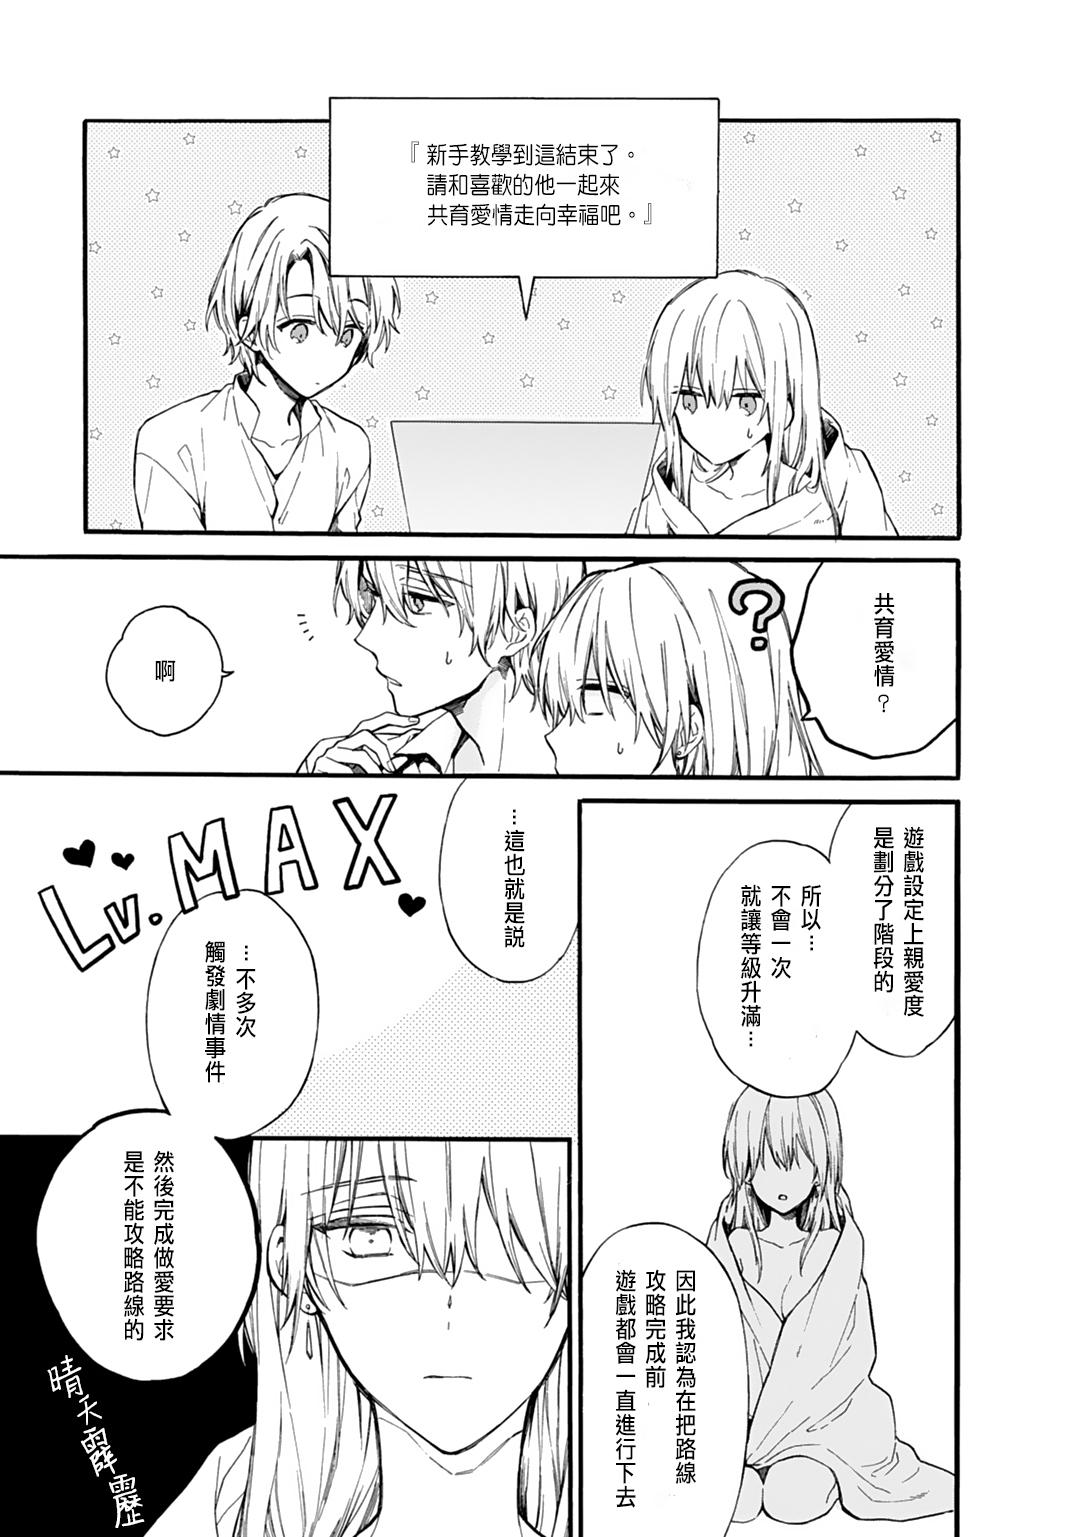 [Suzushiro Nerita] Otomege (18-kin) de Nyotaika shita Ore wa ~Clear Jouken wa Dekiai Ecchi!?~ 1-3 [Chinese] 30